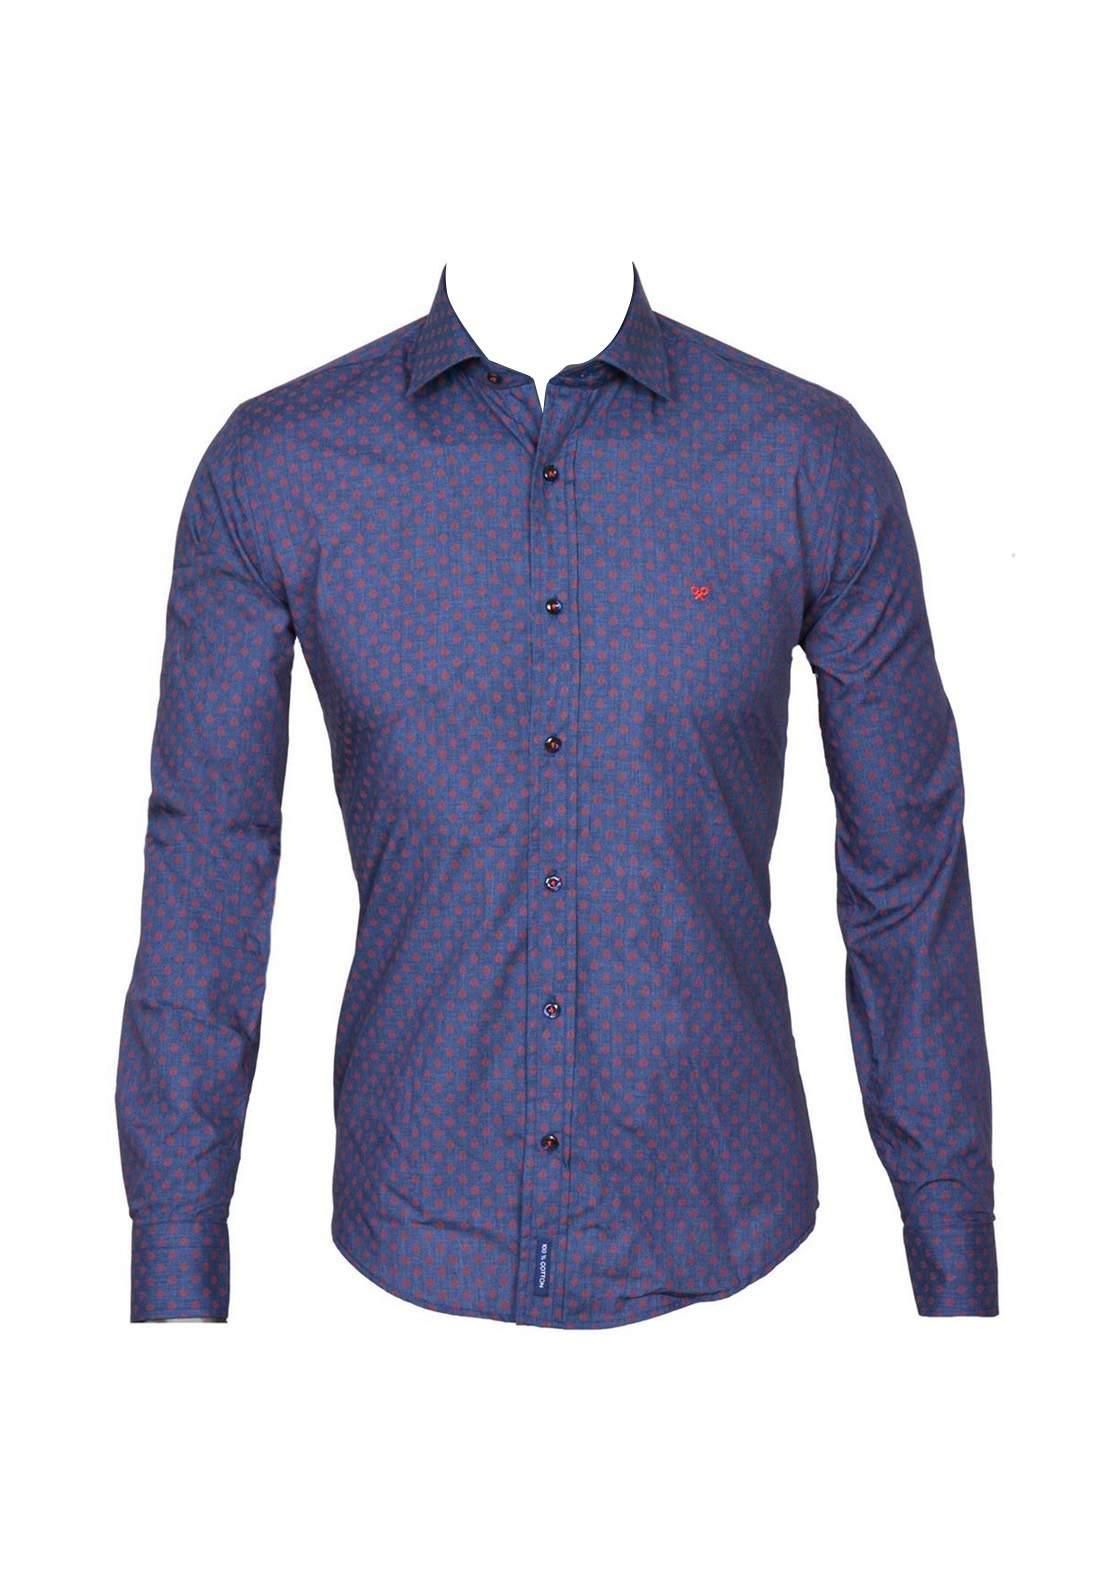 قميص رجالي بأكمام طويلة ازرق اللون